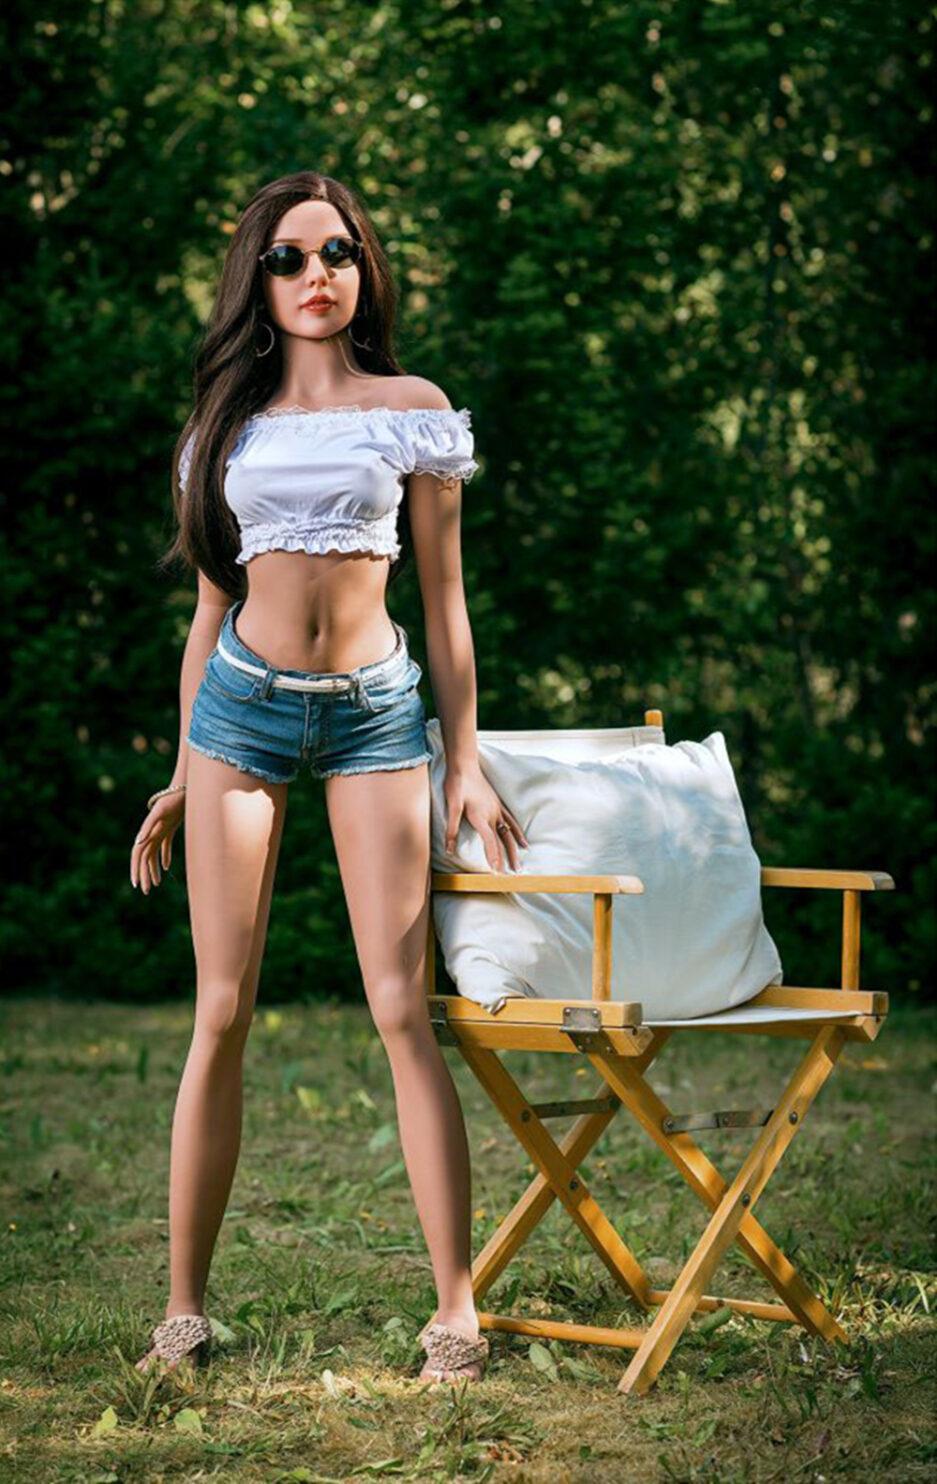 Sex Doll In Skinny Jeans